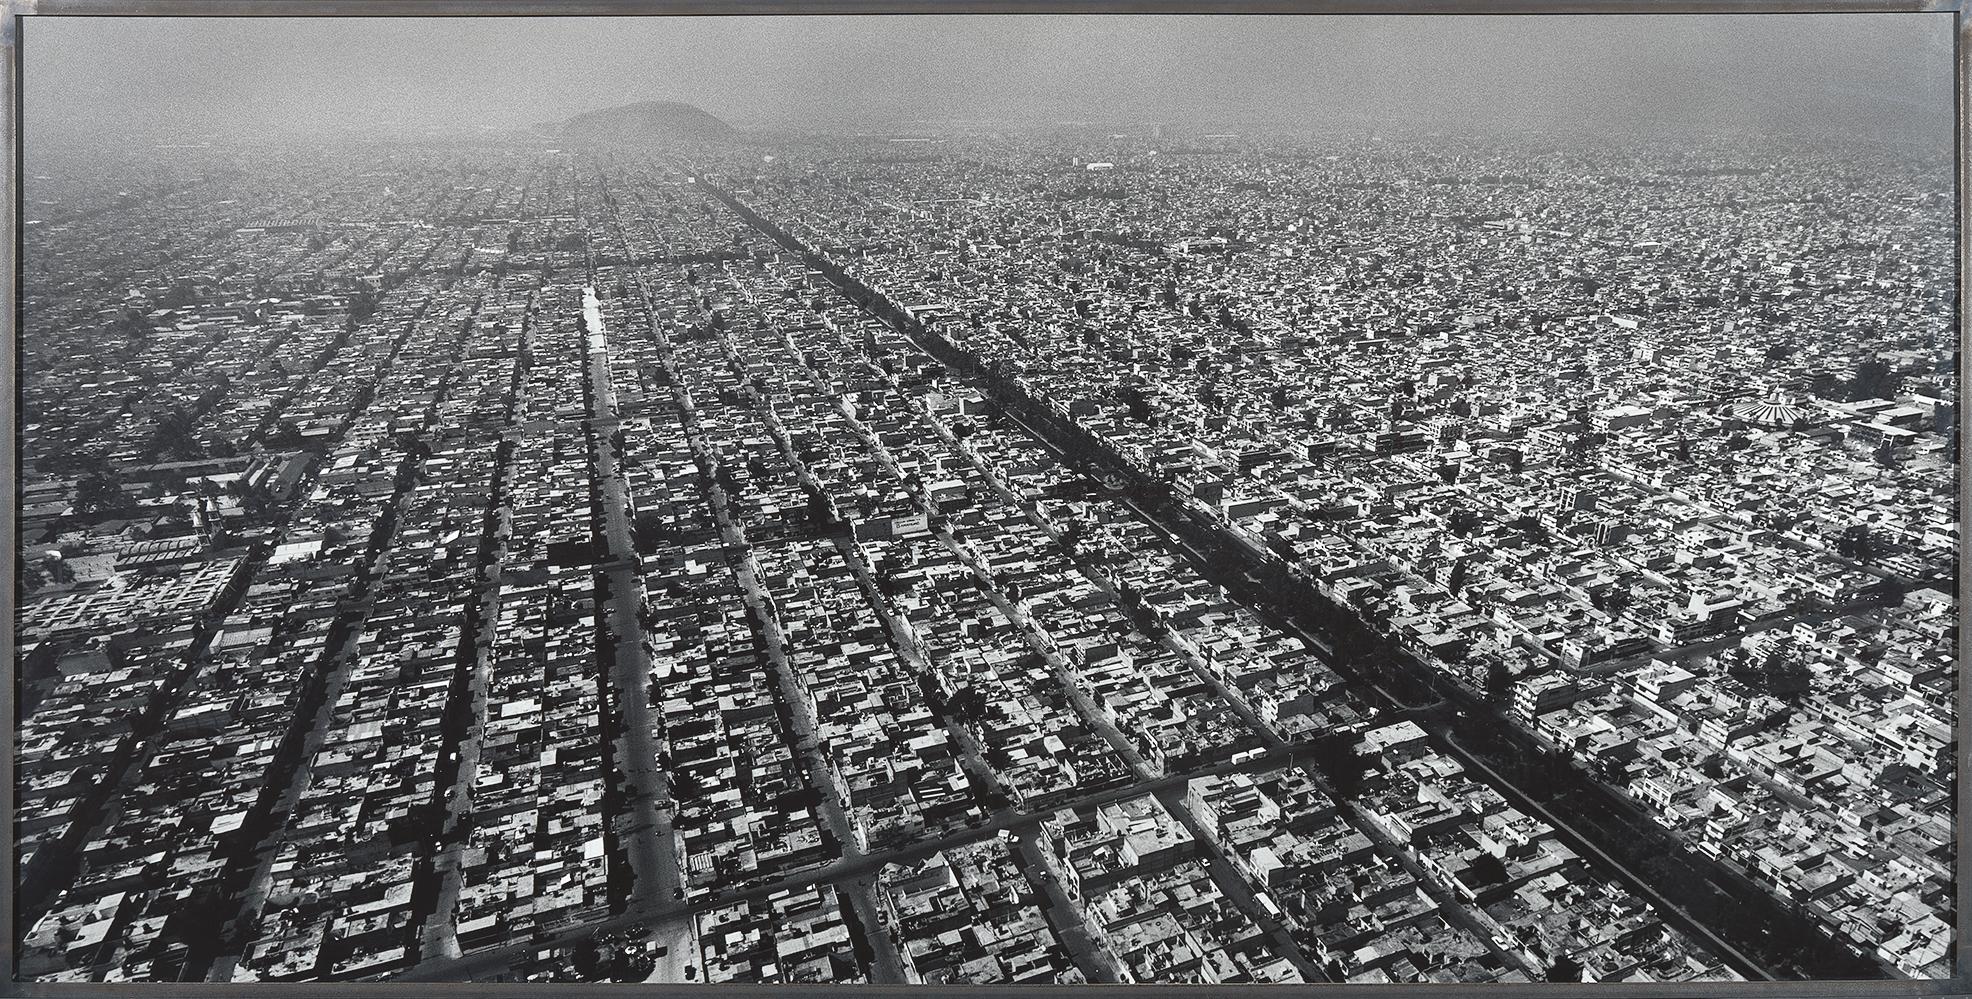 Burkhard Balthasar, Mexico City